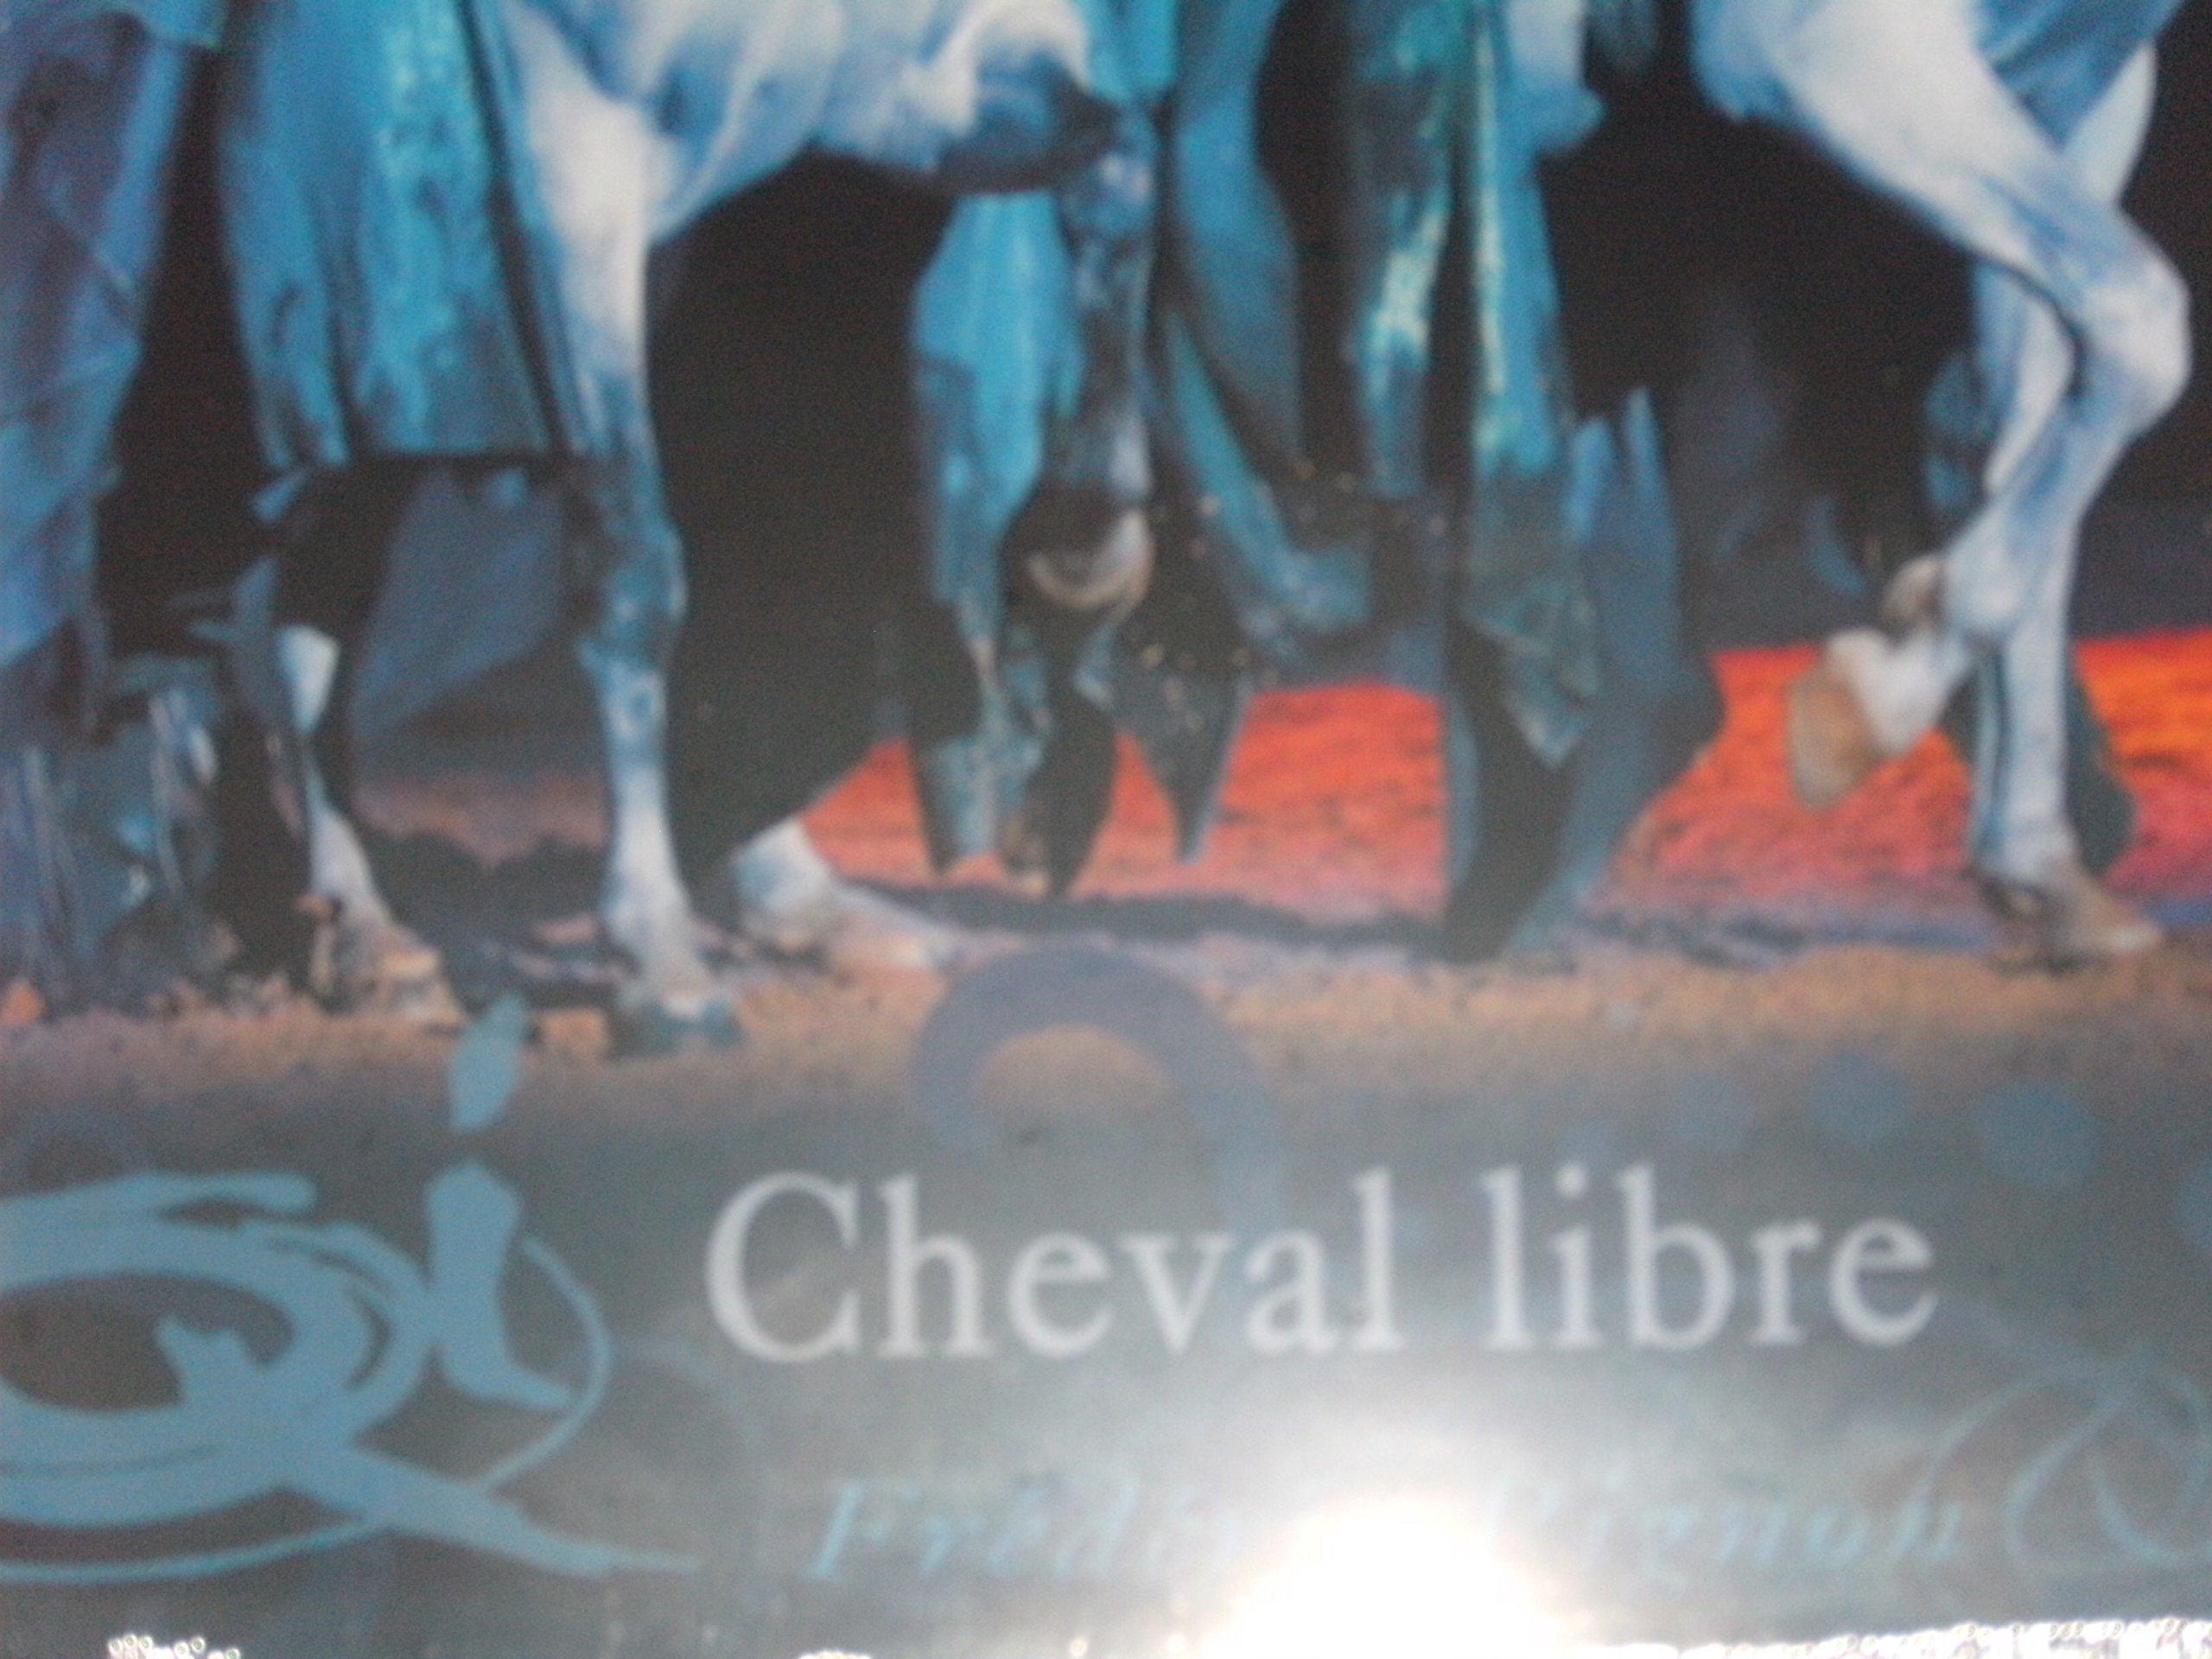 EQI Cheval libre - Frederic Pignon & Magali Delgado 2016/2017